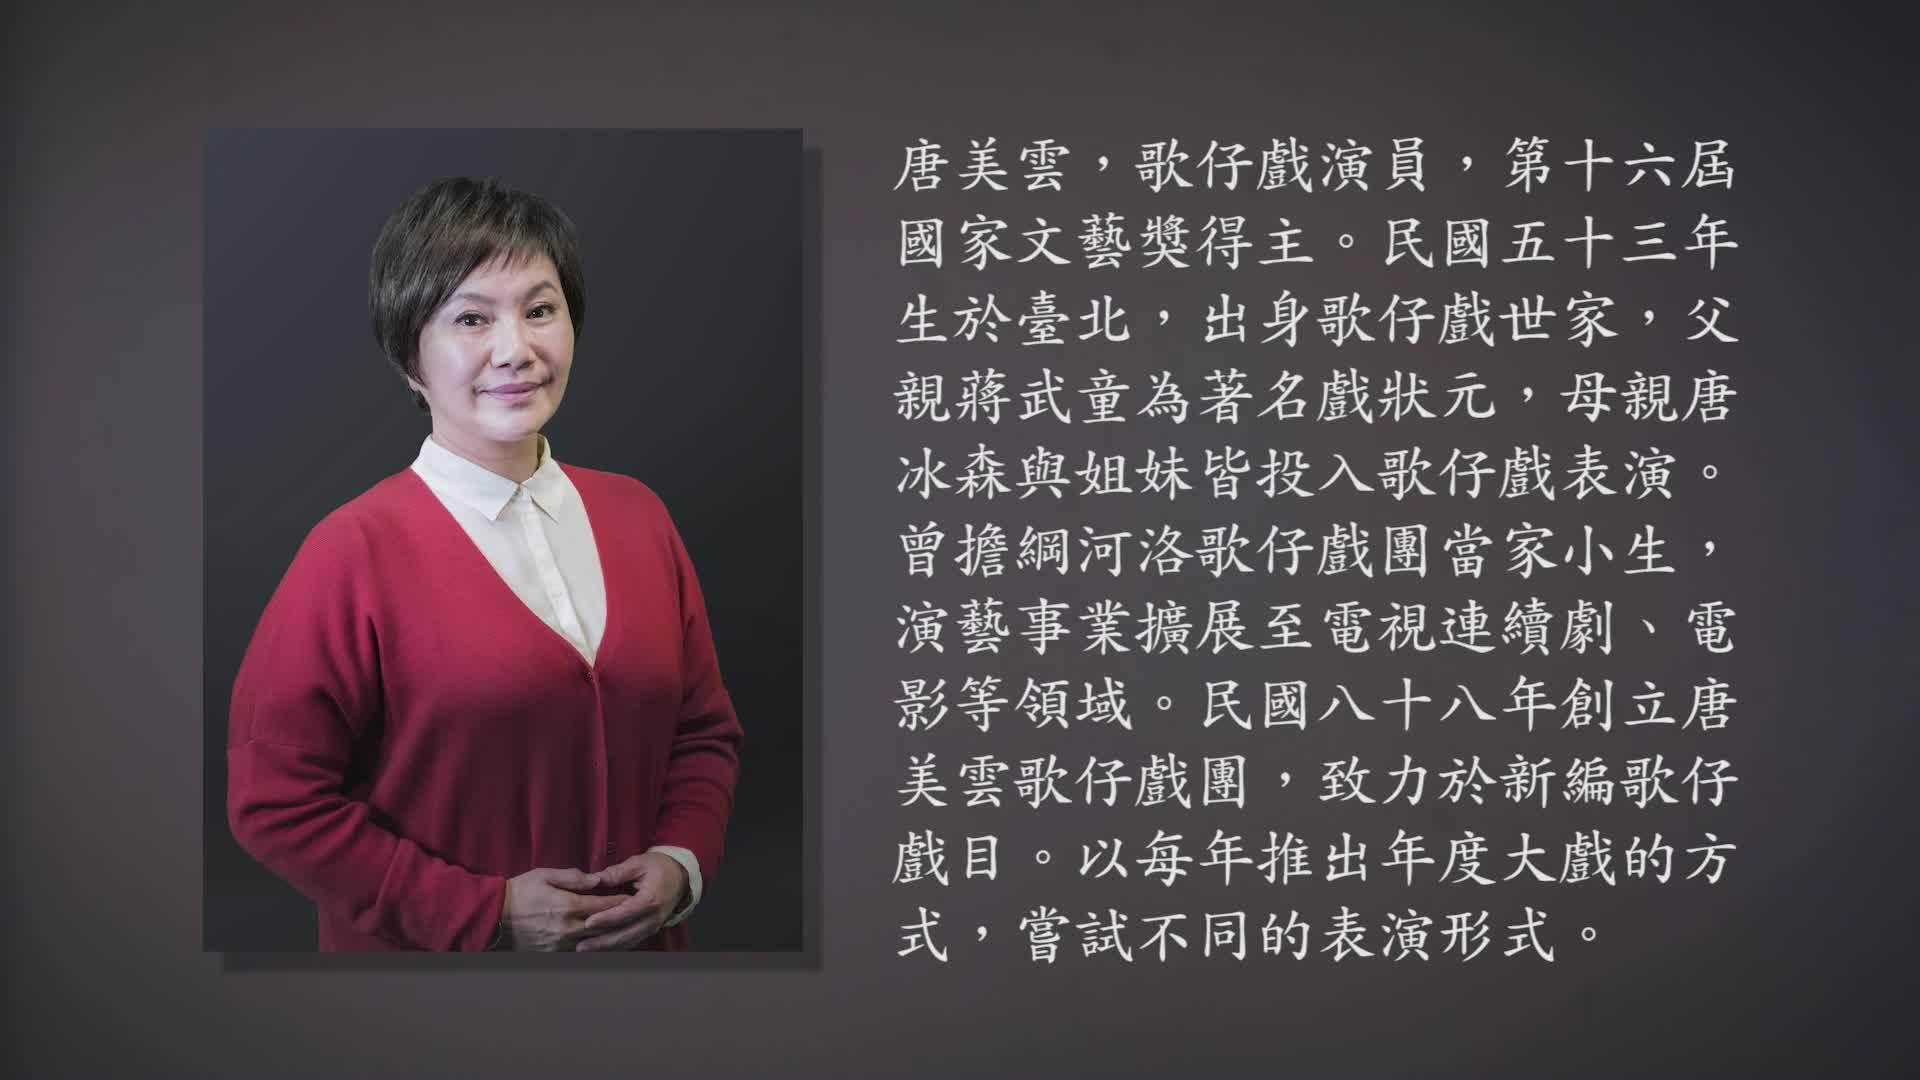 技藝.記憶-傳統藝術藝人口述歷史影像紀錄計畫-唐美雲精華片段